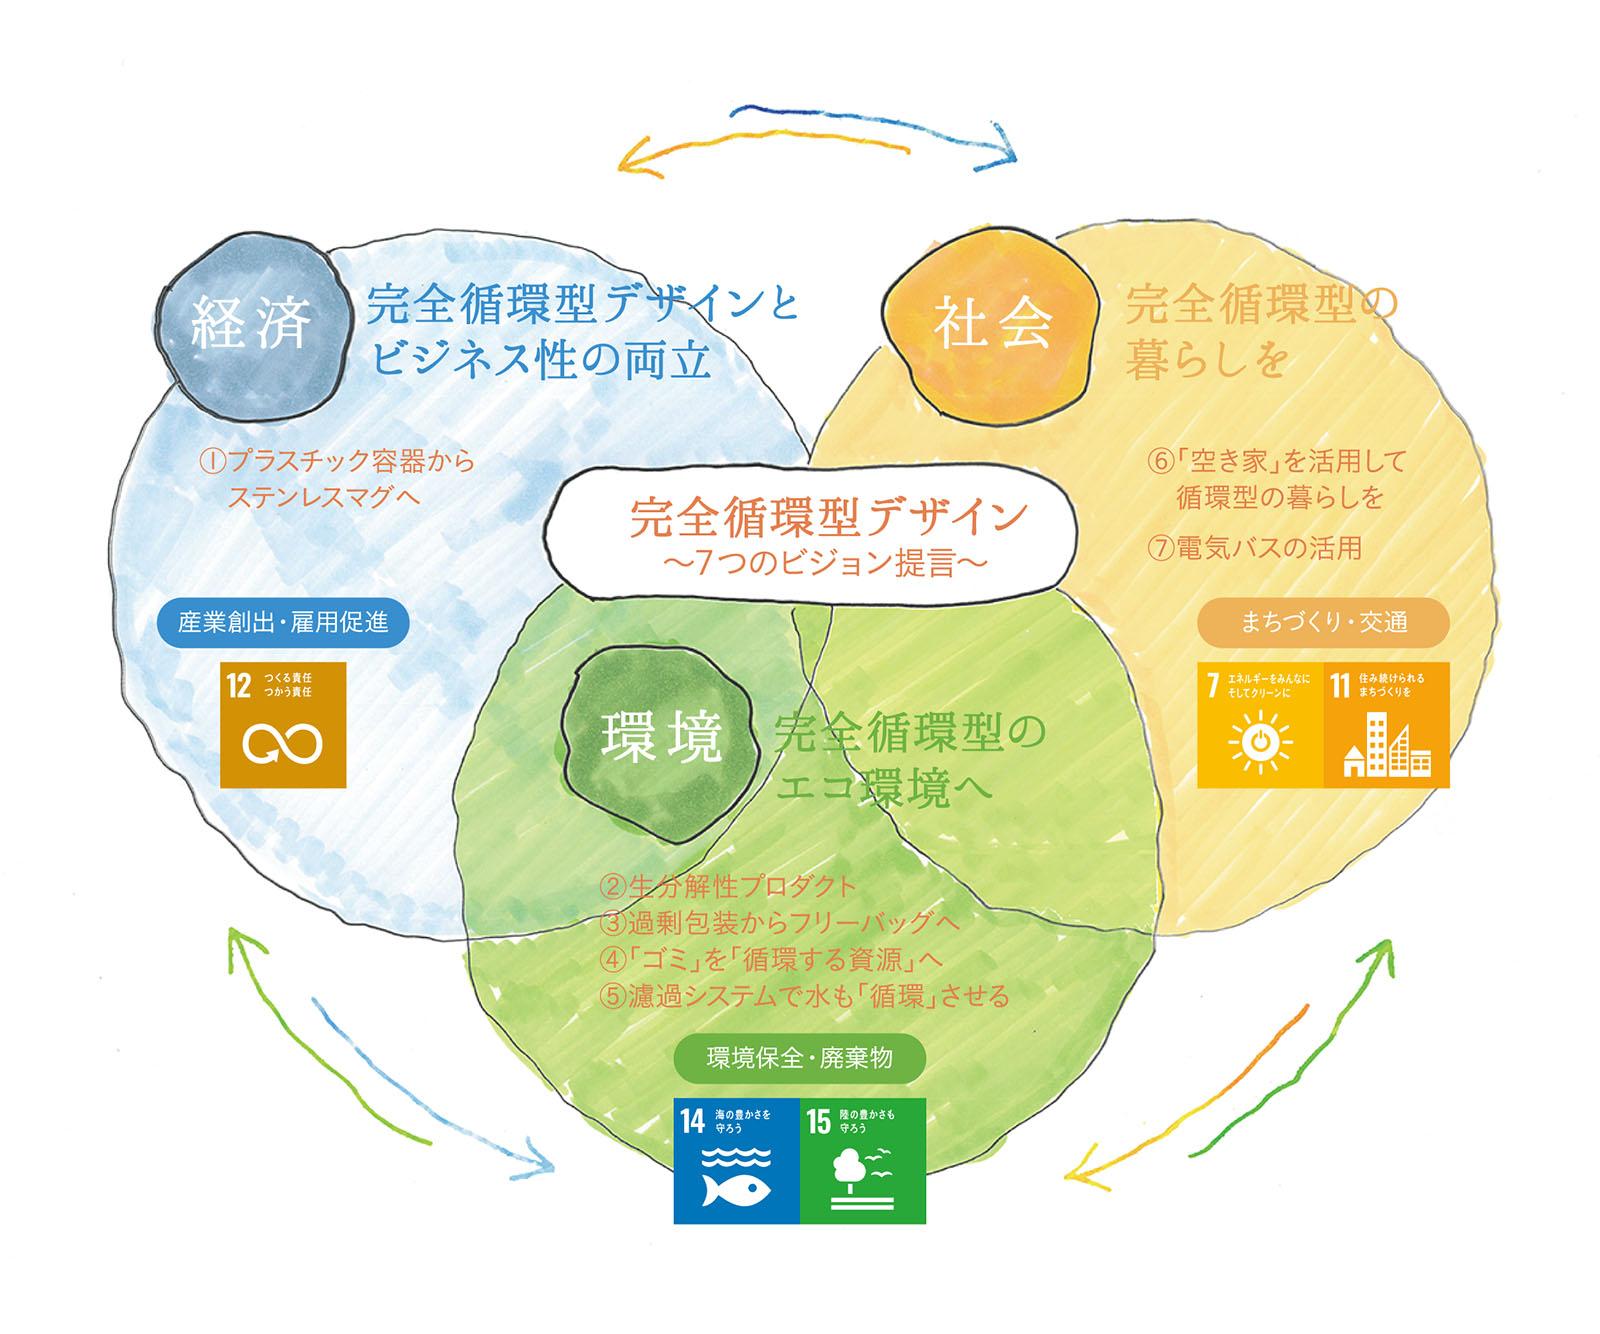 完全循環型デザイン ~7つのビジョン提言~